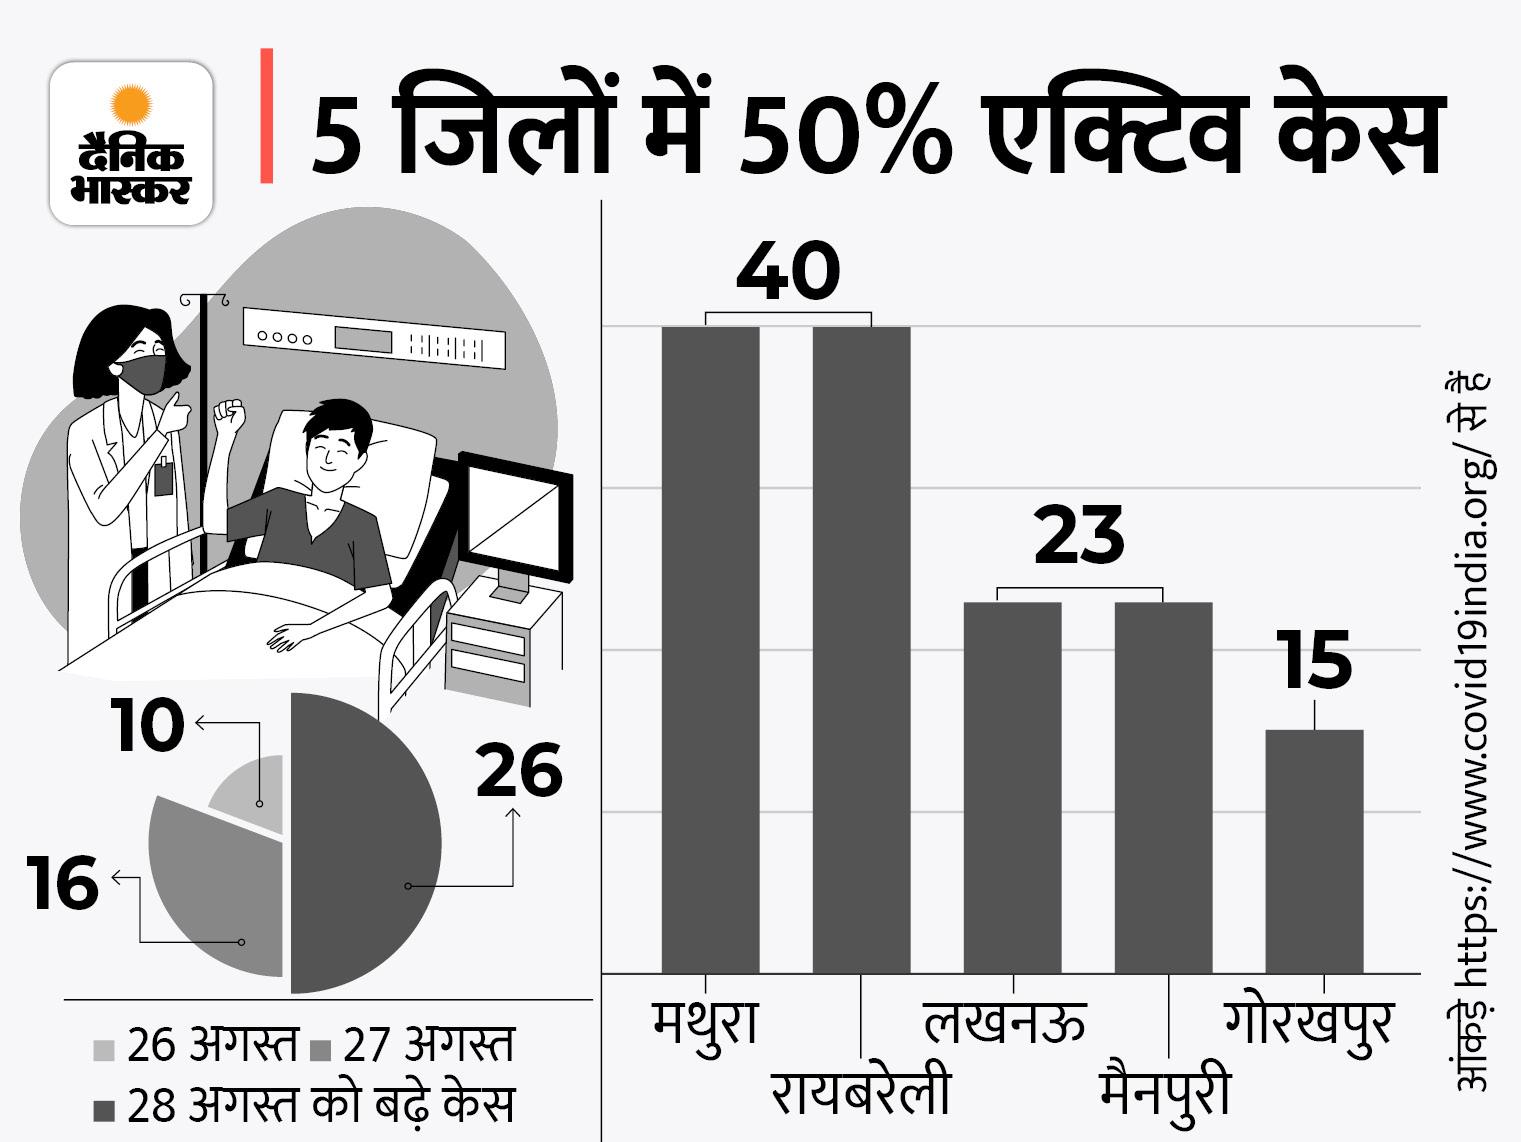 प्रदेश में 299 एक्टिव केस, सबसे ज्यादा रायबरेली-मथुरा में 80 पॉजिटिव, एक्सपर्ट बोले- आगे फेस्टिव सीजन, सचेत रहें|लखनऊ,Lucknow - Dainik Bhaskar